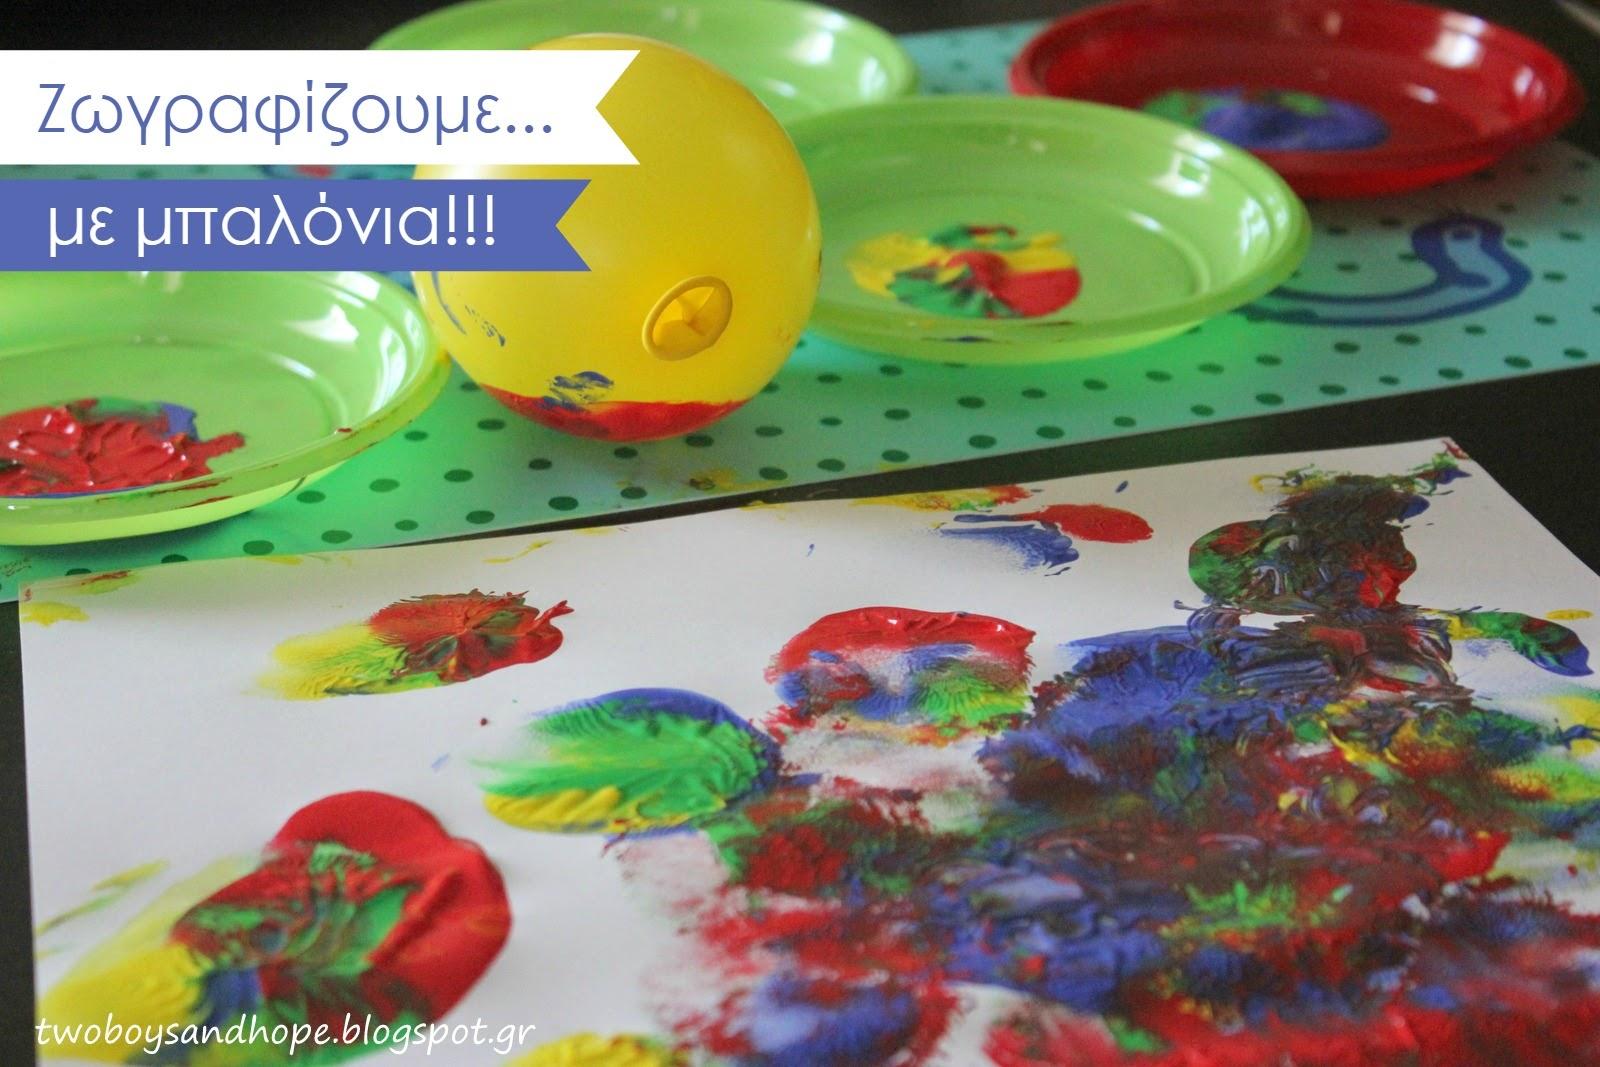 Ζωγραφίζουμε ..με μπαλόνια !!!